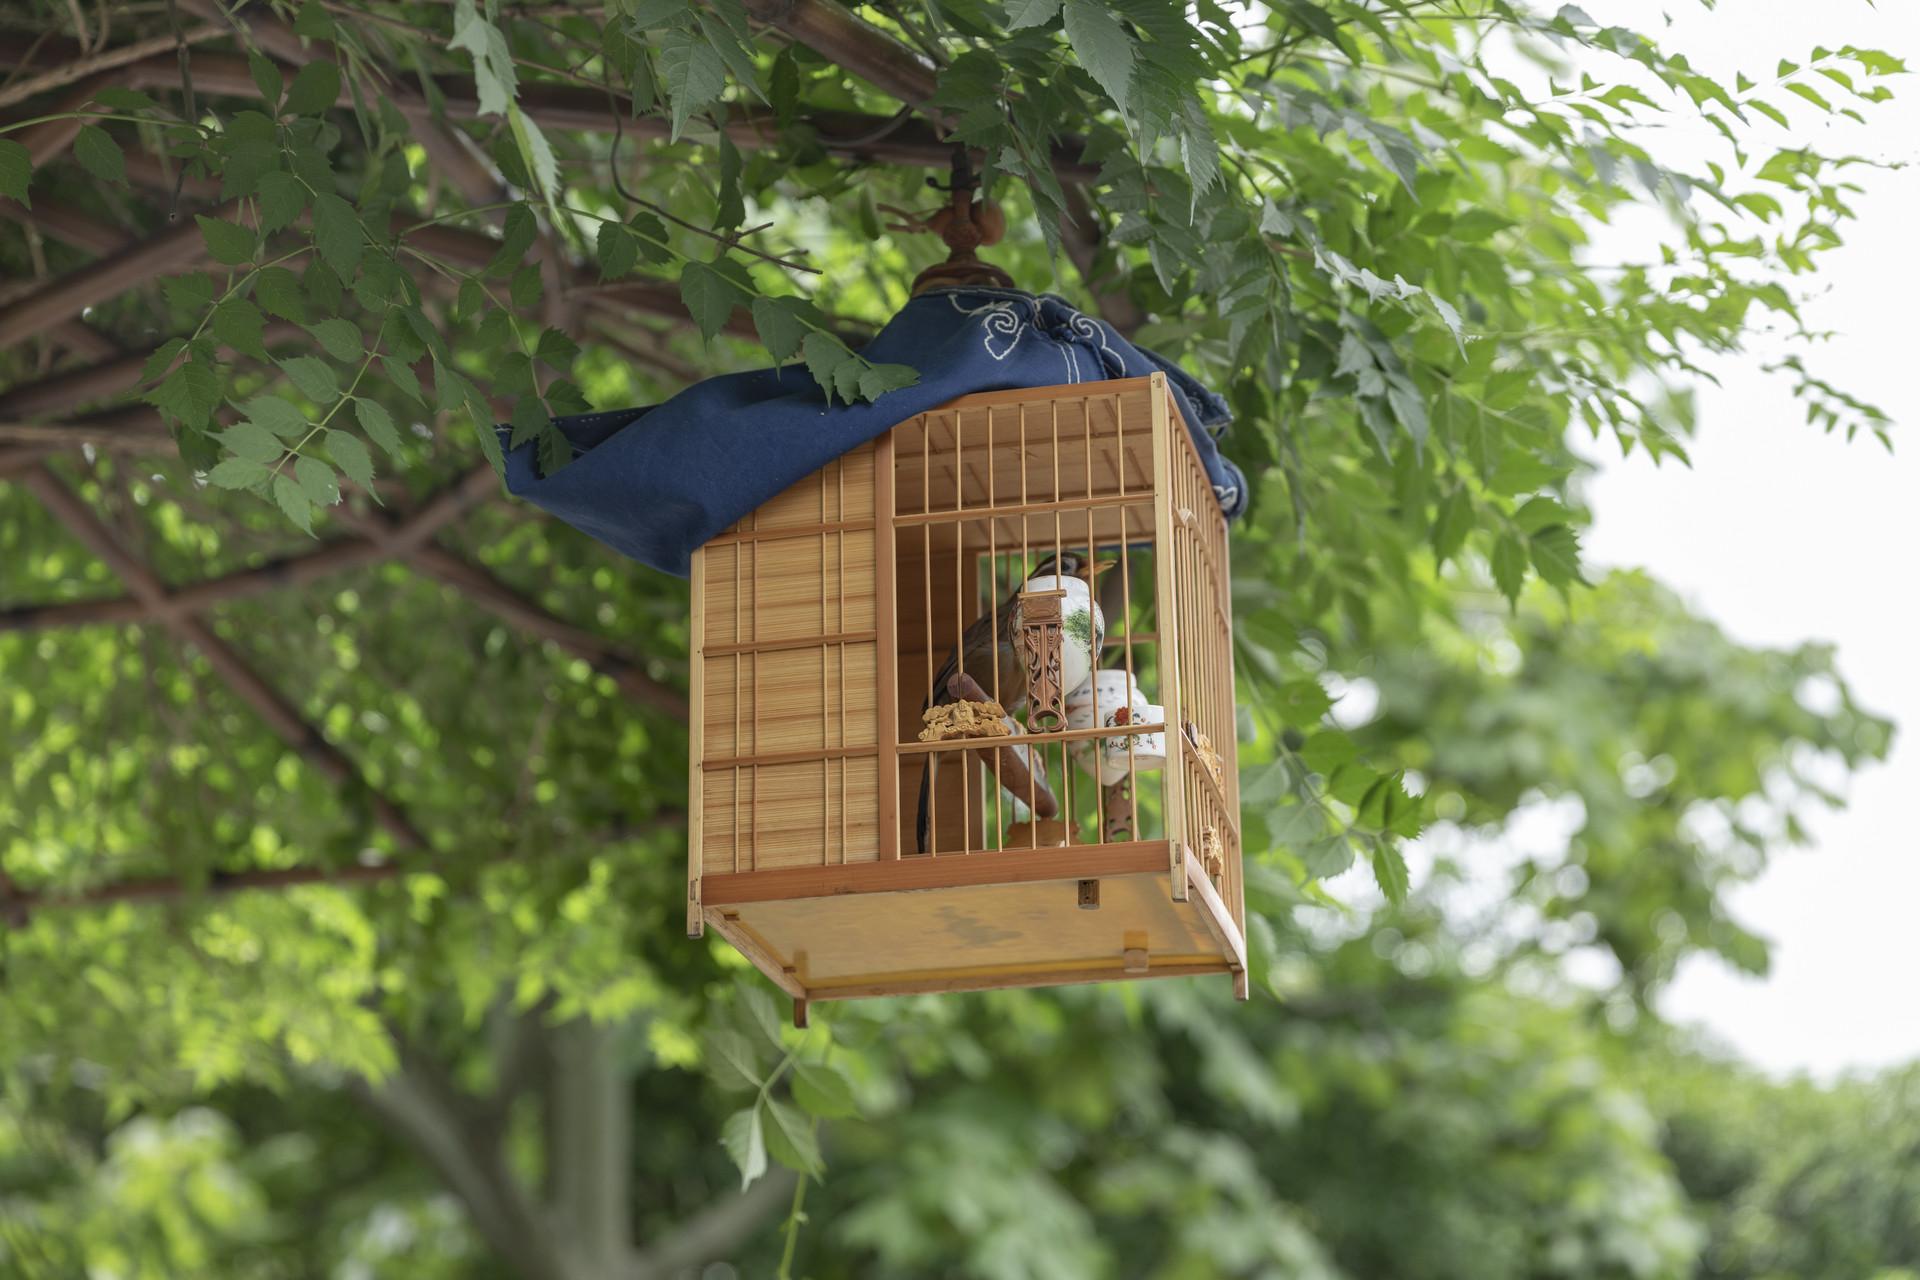 摄图网_501314559_banner_挂在树上的鸟笼(企业商用).jpg